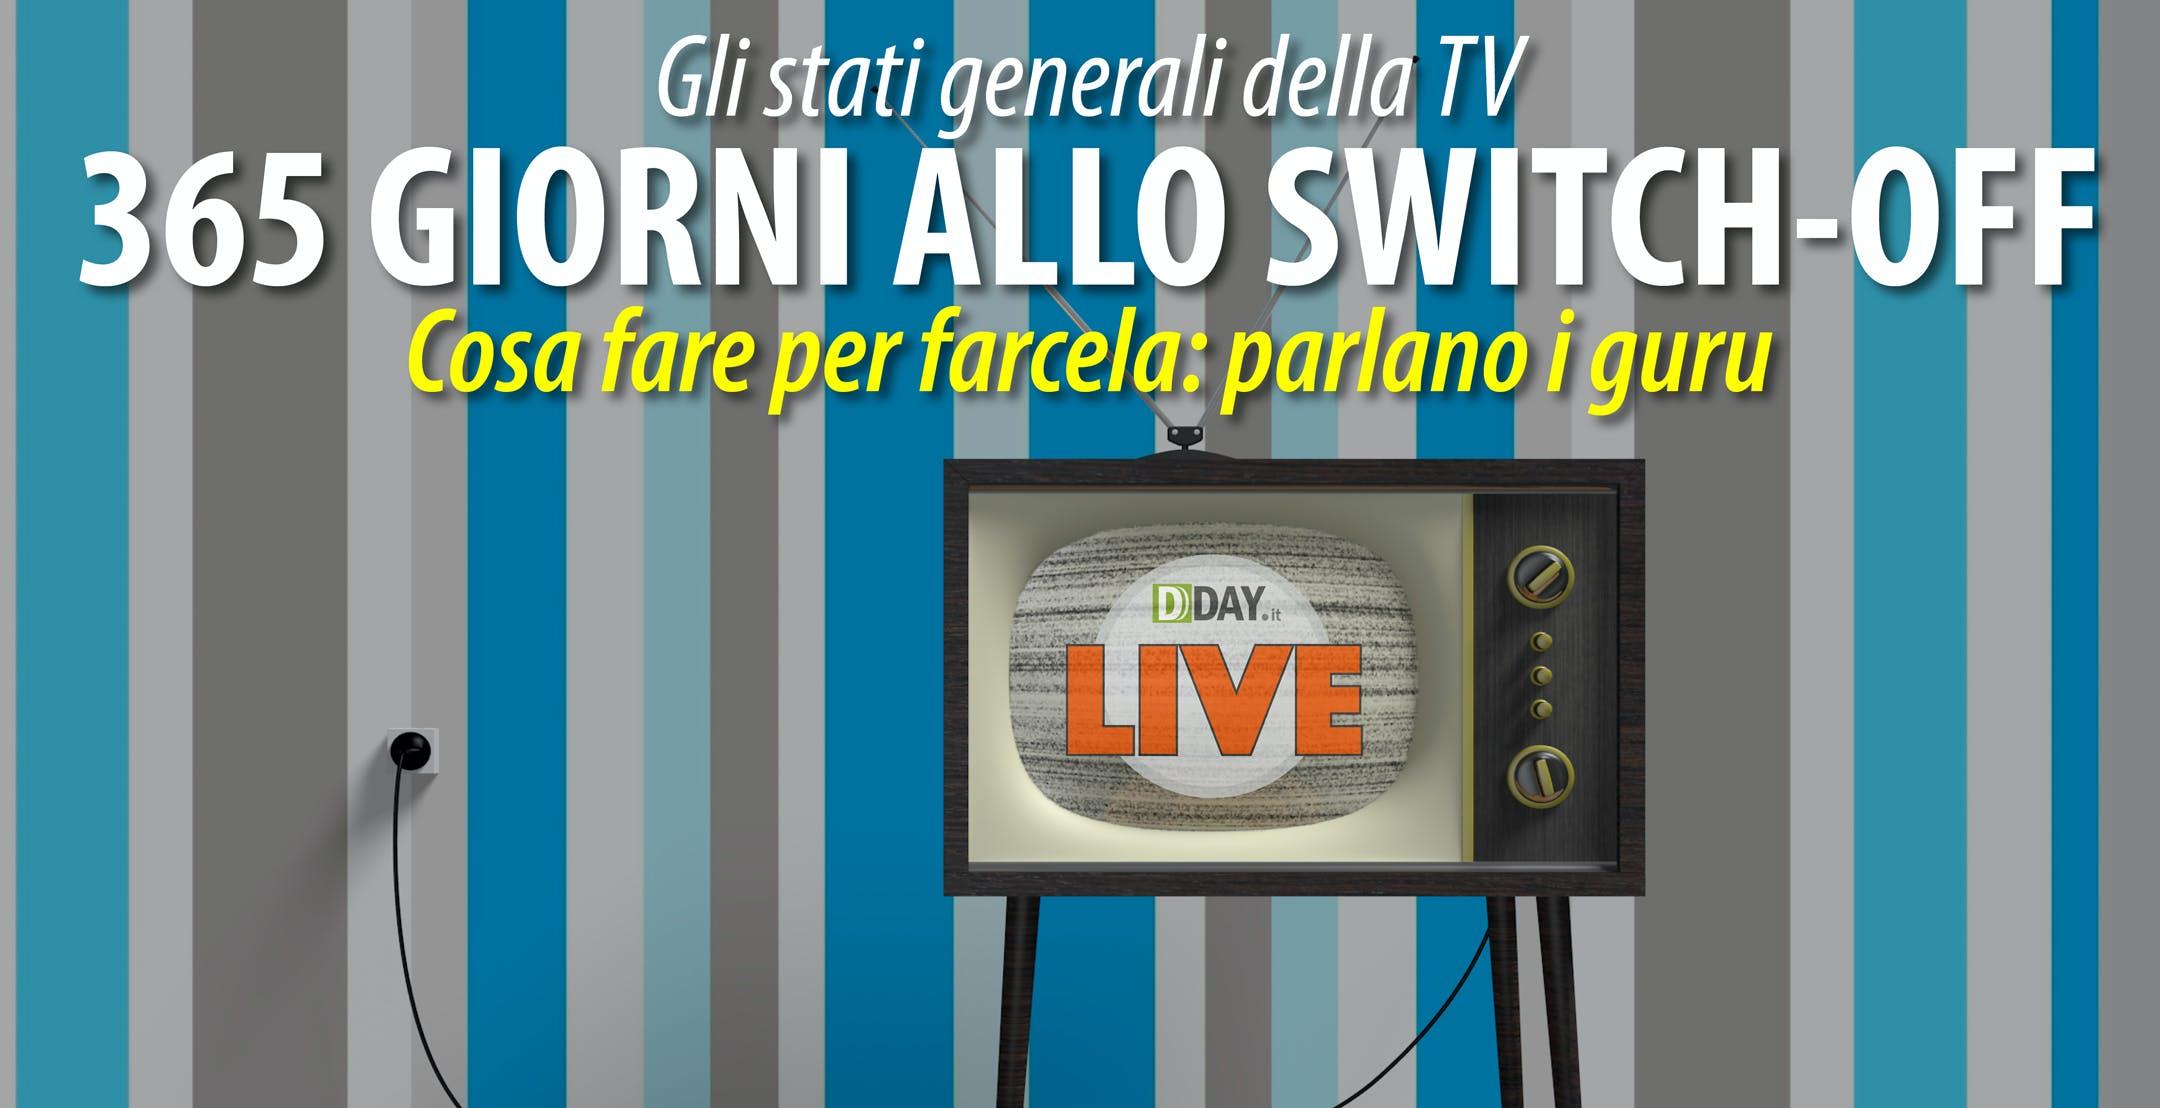 La grande tavola rotonda sullo Switch-off TV a un anno dalle scadenze. Live streaming il 1 settembre alle 11:00